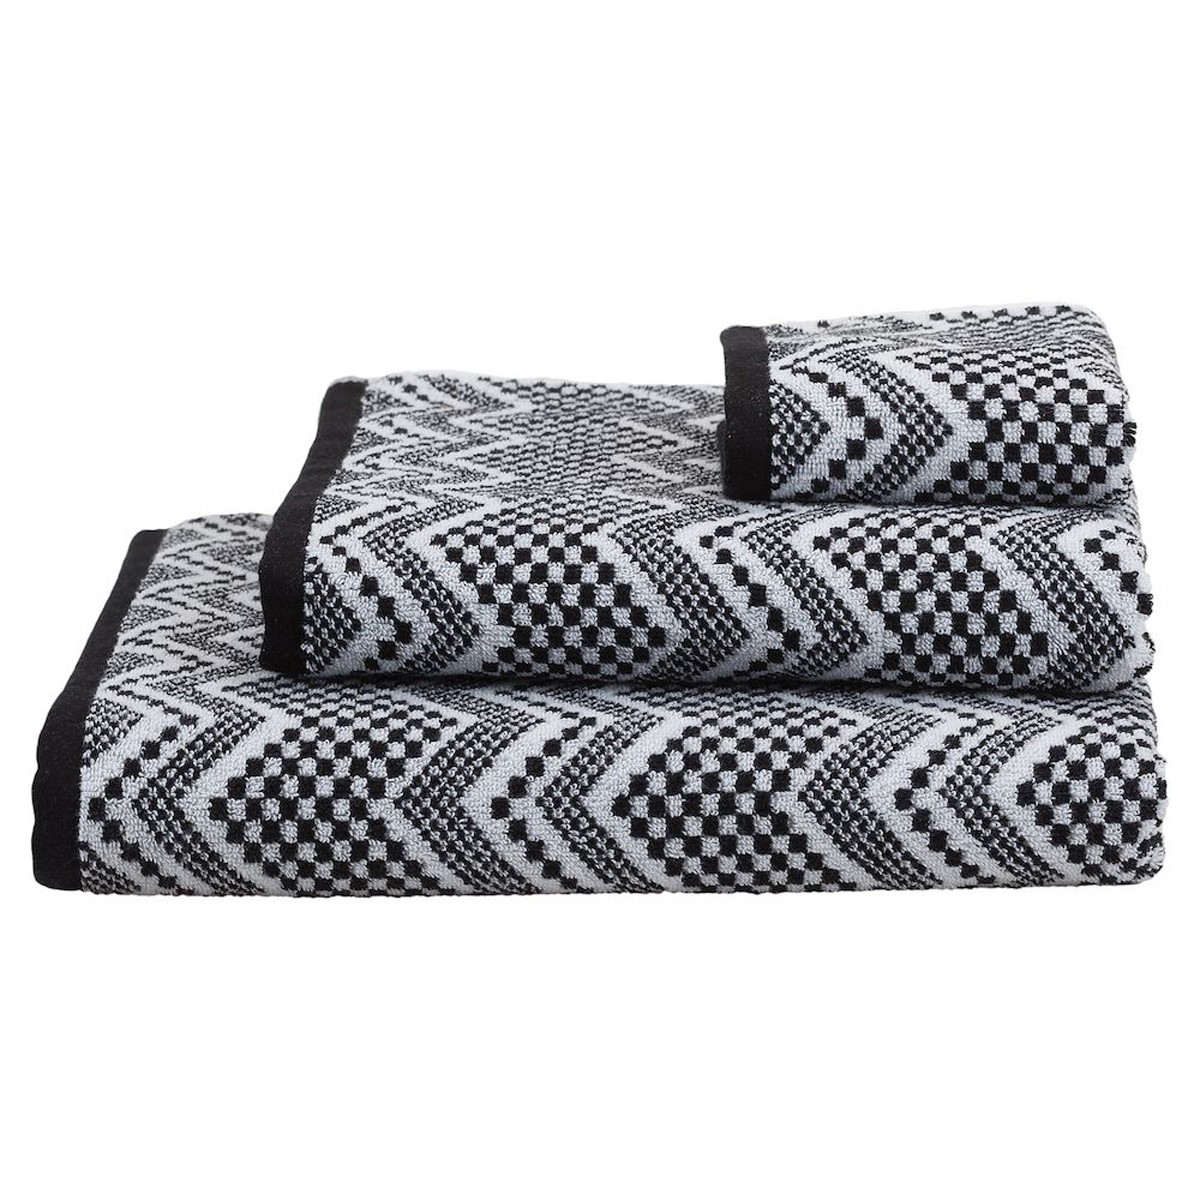 Πετσέτα Σώματος (70x140) SealSkin Portofino Black